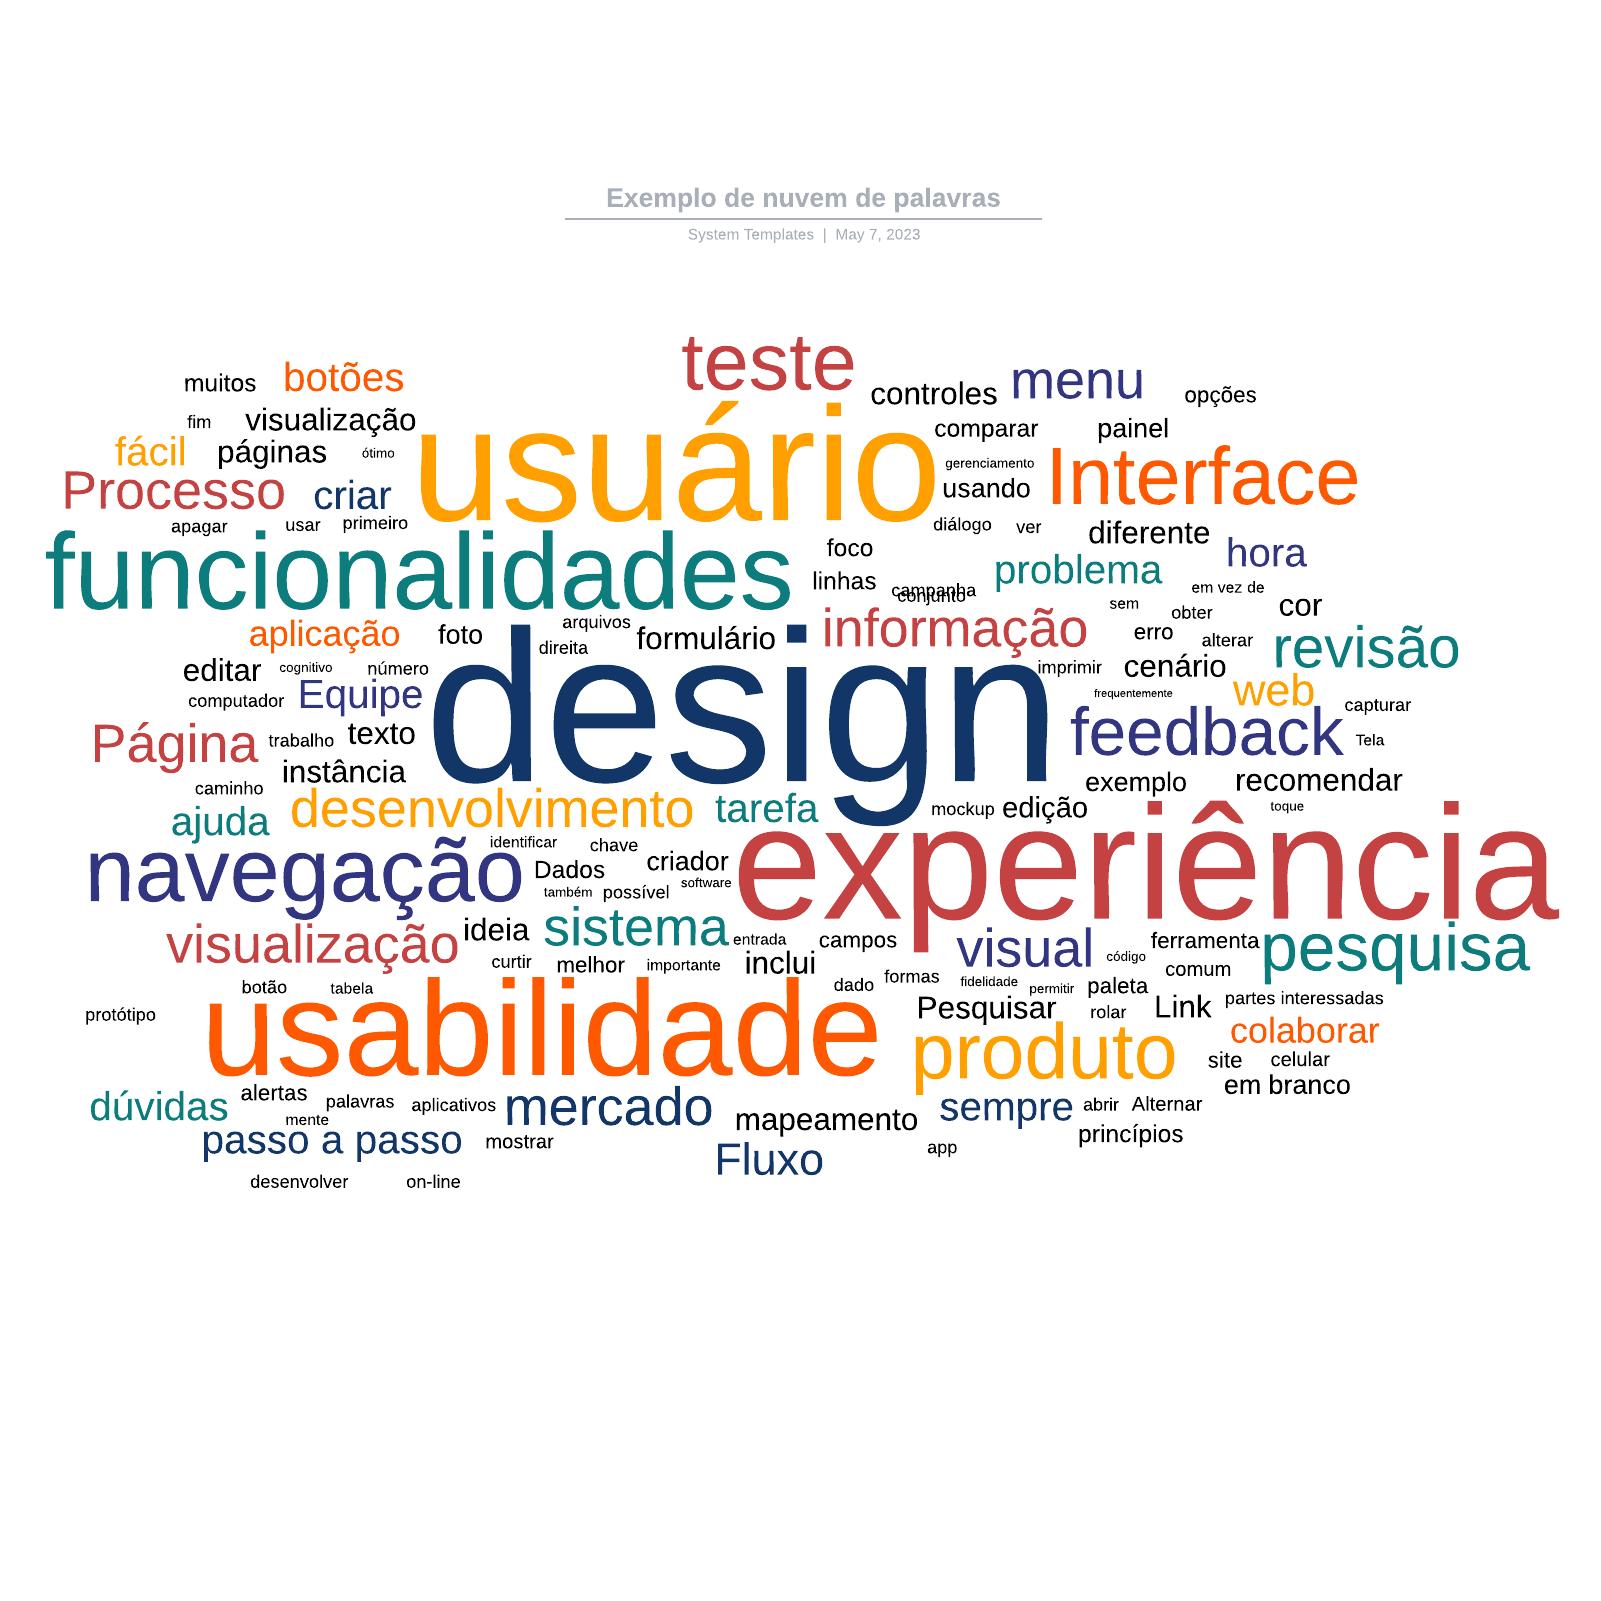 Exemplo de nuvem de palavras